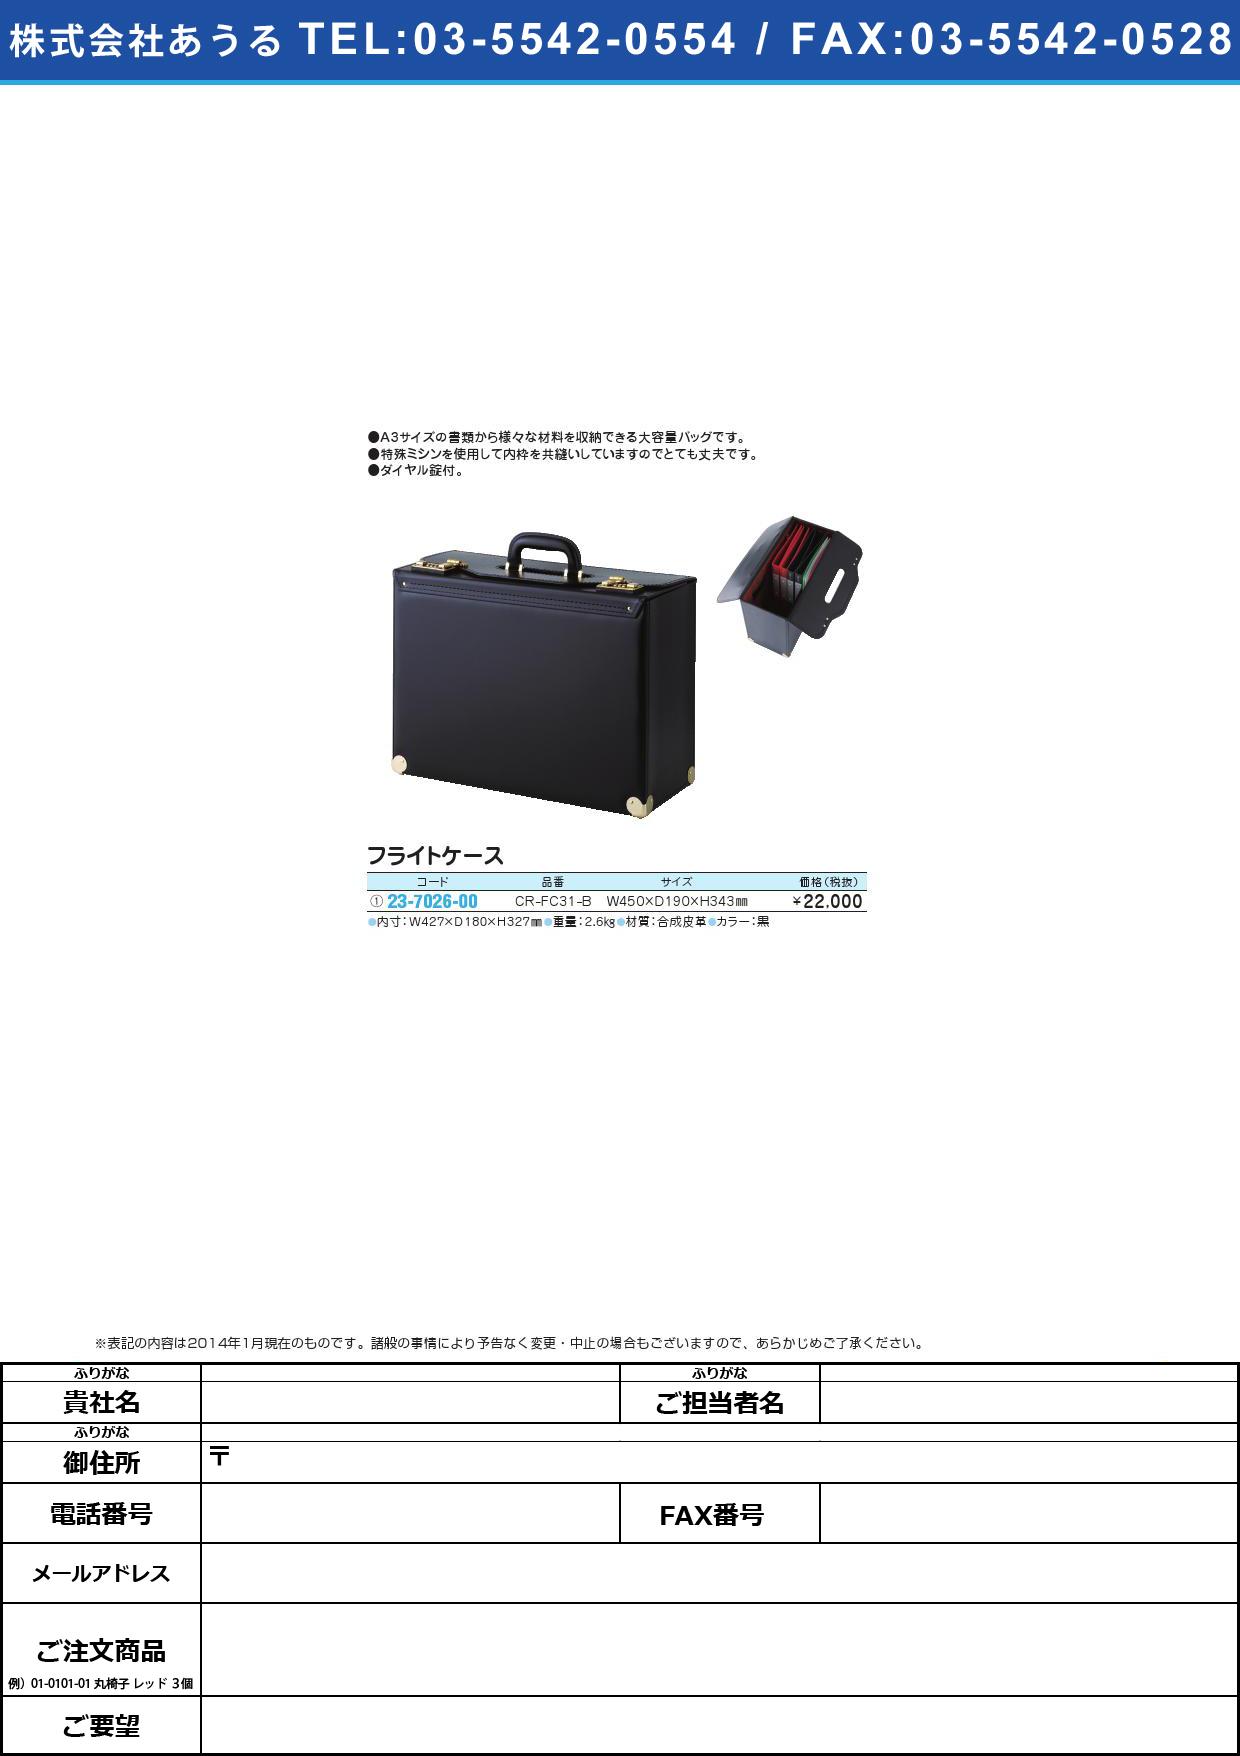 フライトケース フライトケース CR-FC31-B【1個単位】(23-7026-00)